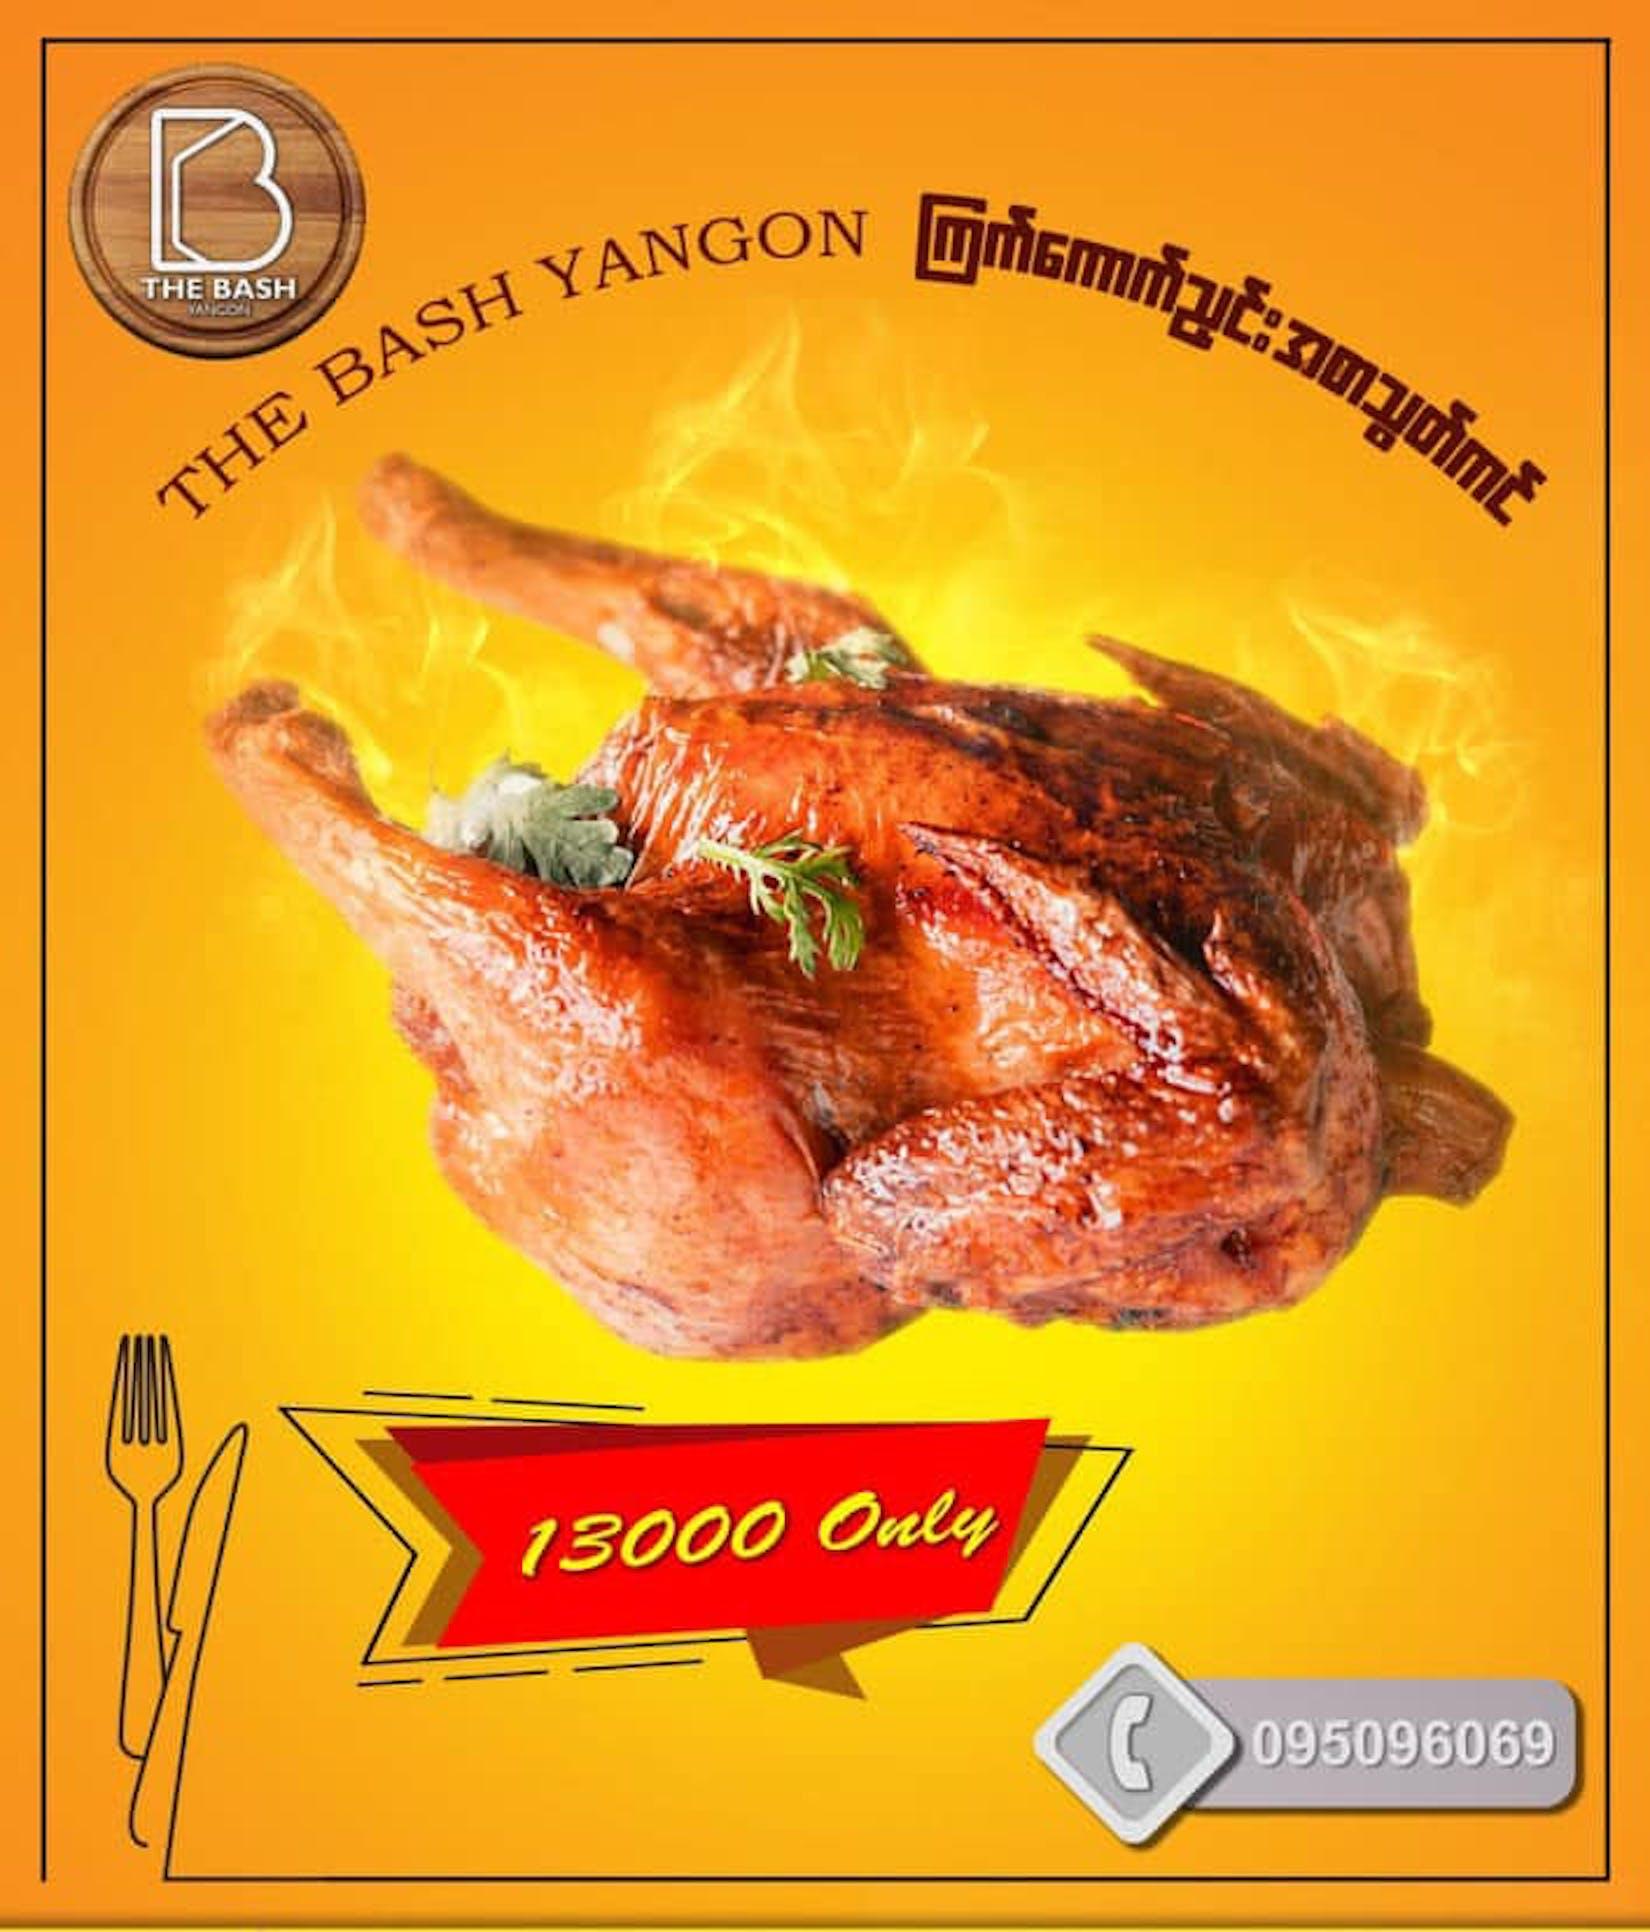 The Bash Yangon | yathar